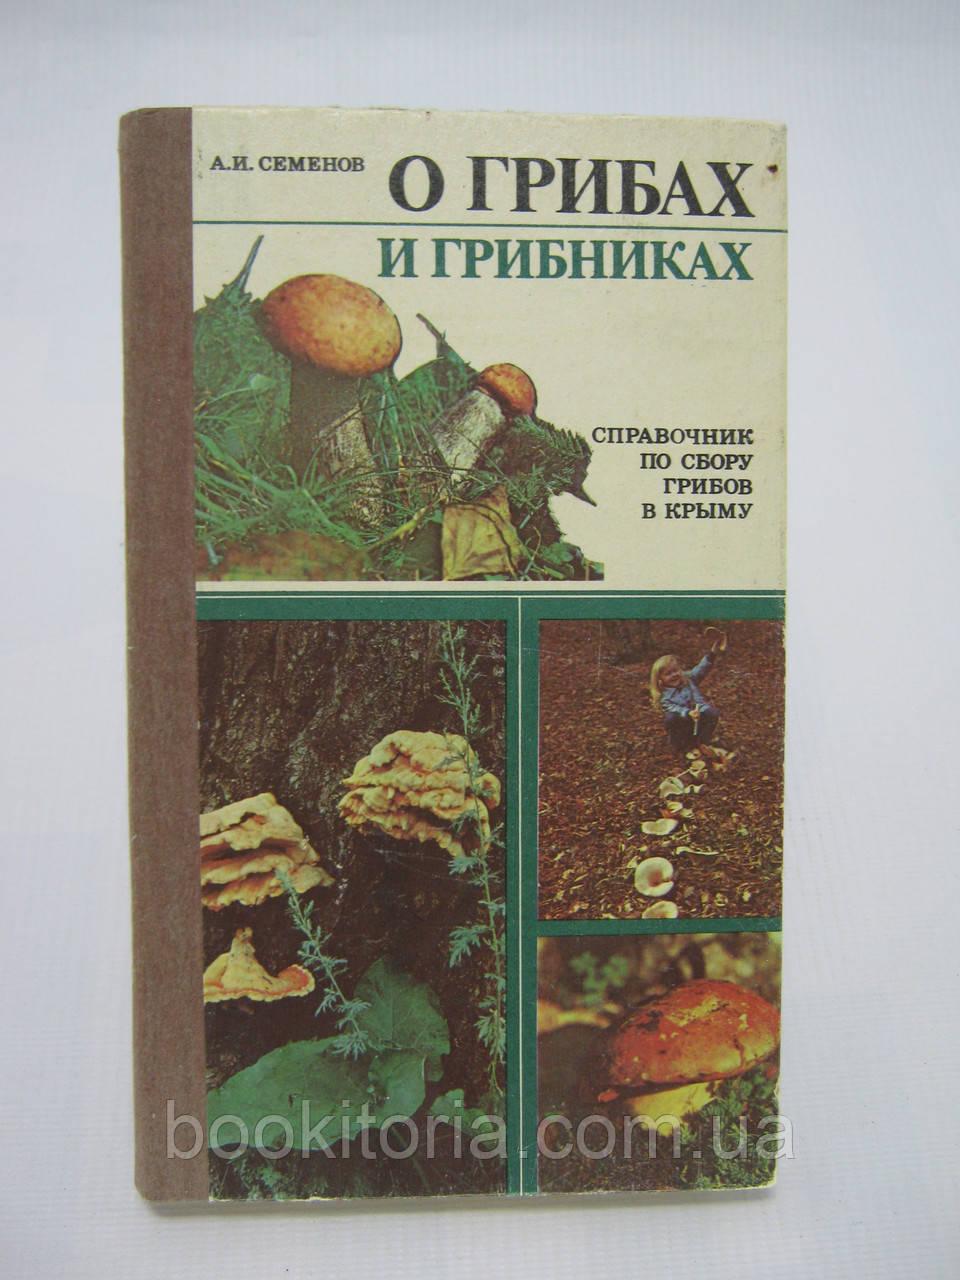 Семенов А.И. О грибах и грибниках (б/у).